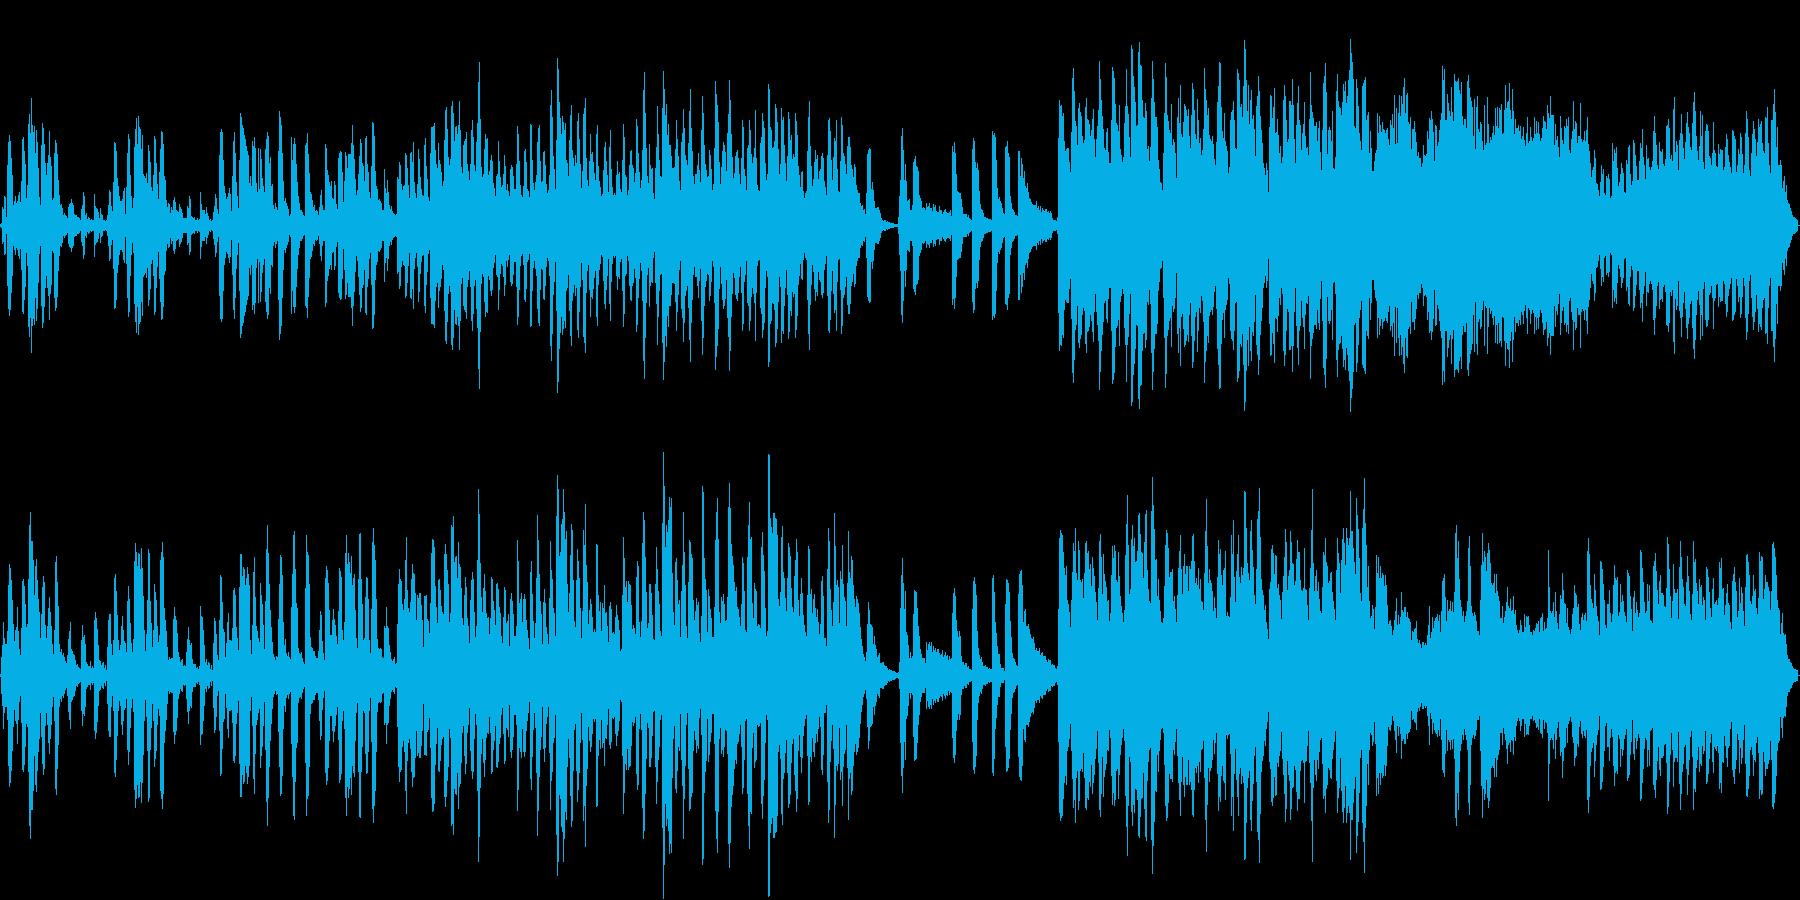 爽やかで軽やかなオーケストラ(ループ可)の再生済みの波形